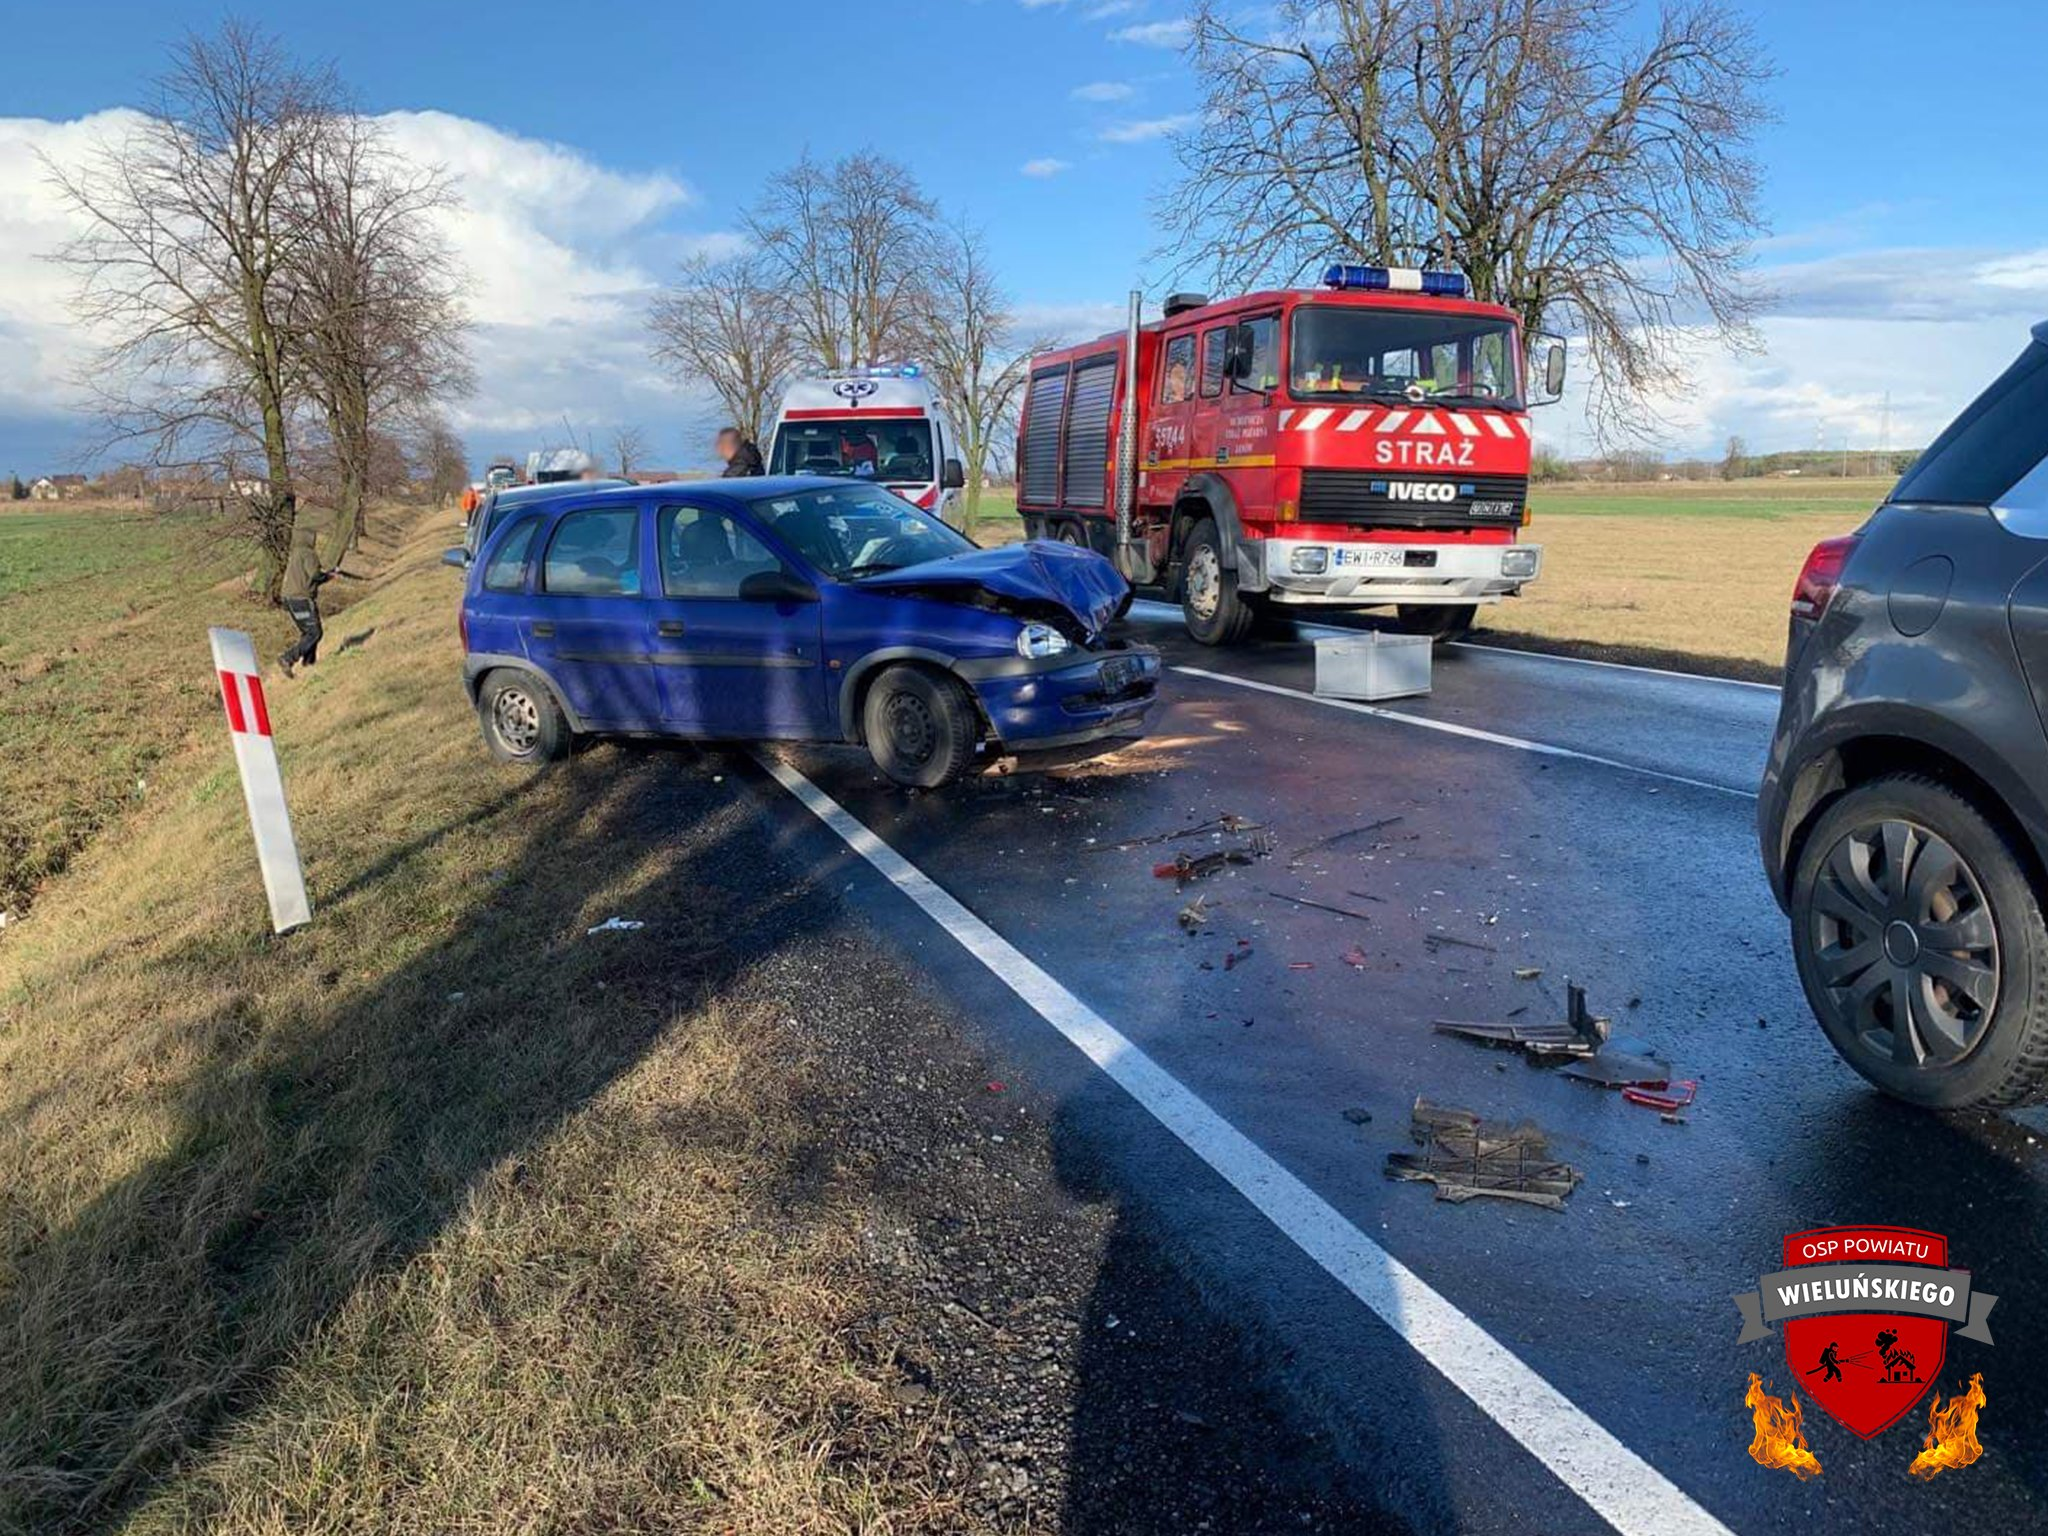 ALARM 1417 18.02.2020 Wypadek drogowy zudzialem 2 samochodow osobowych.xx&oh=9a7d566fea9a31850028676607e72099&oe=5E82171D - ALARM   14:17   18.02.2020    Wypadek drogowy zudziałem 2 samochodów osobowych,...